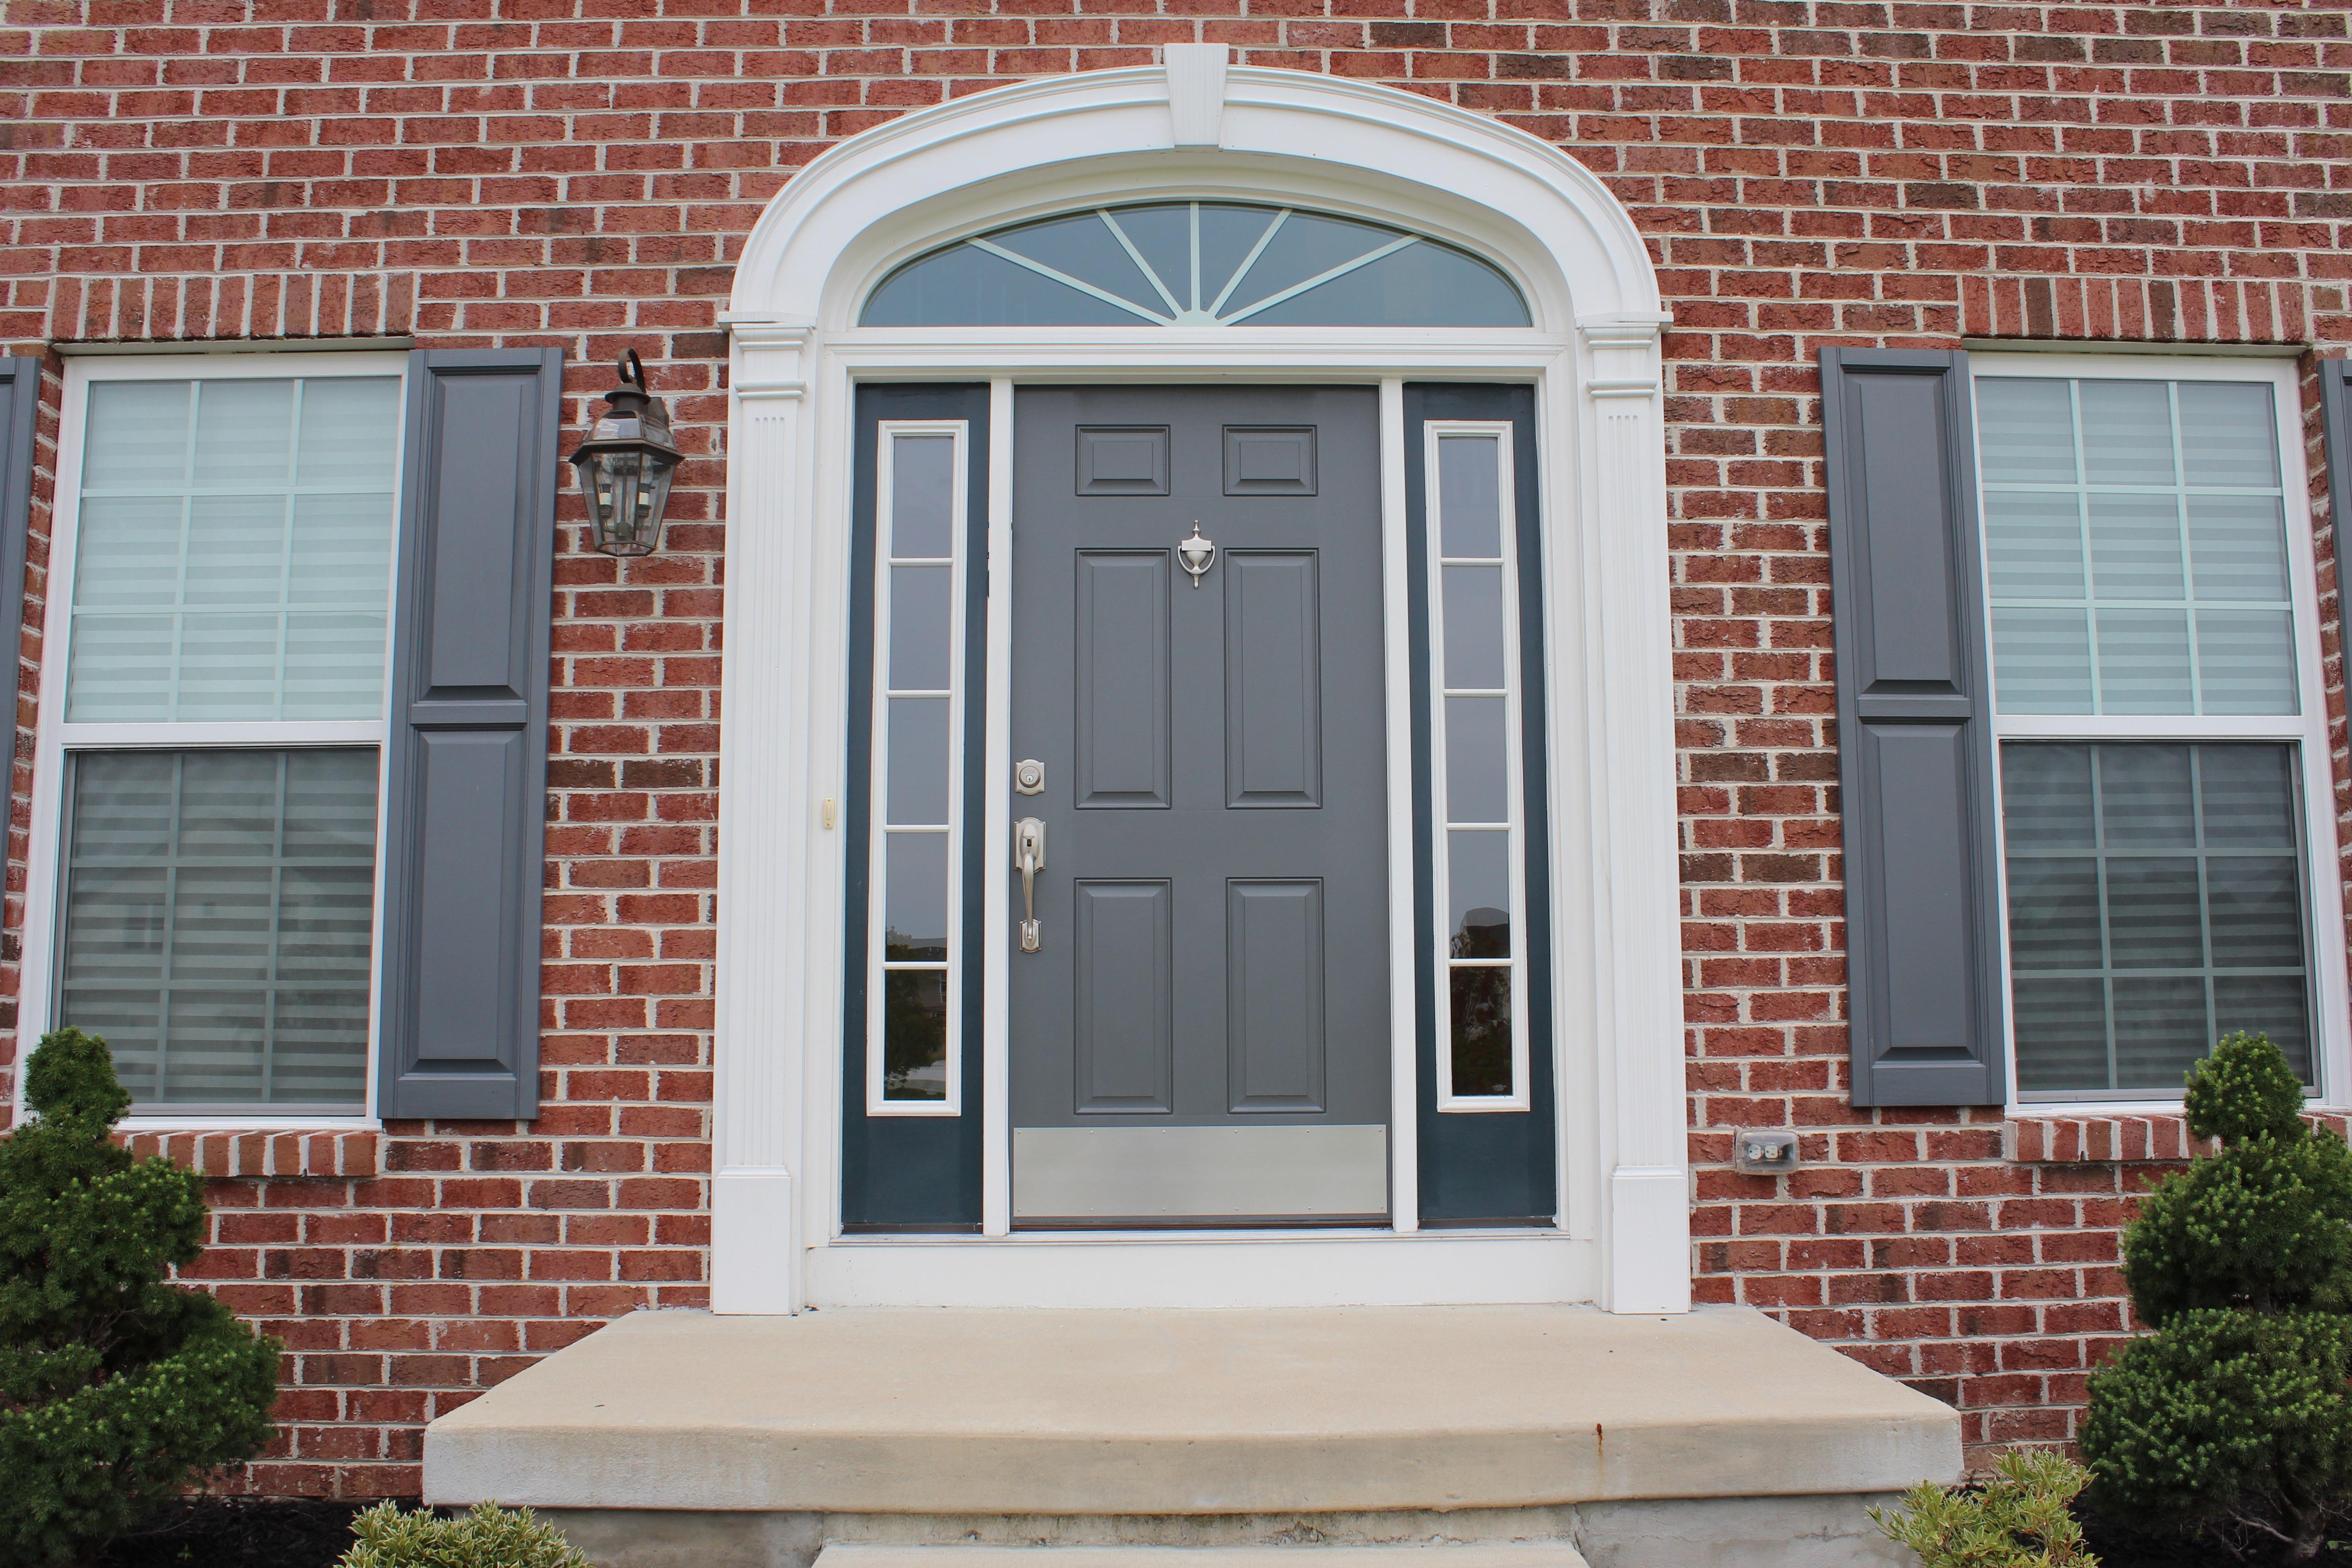 Home Front Door 5184 X 3456 4555 Kb Jpeg